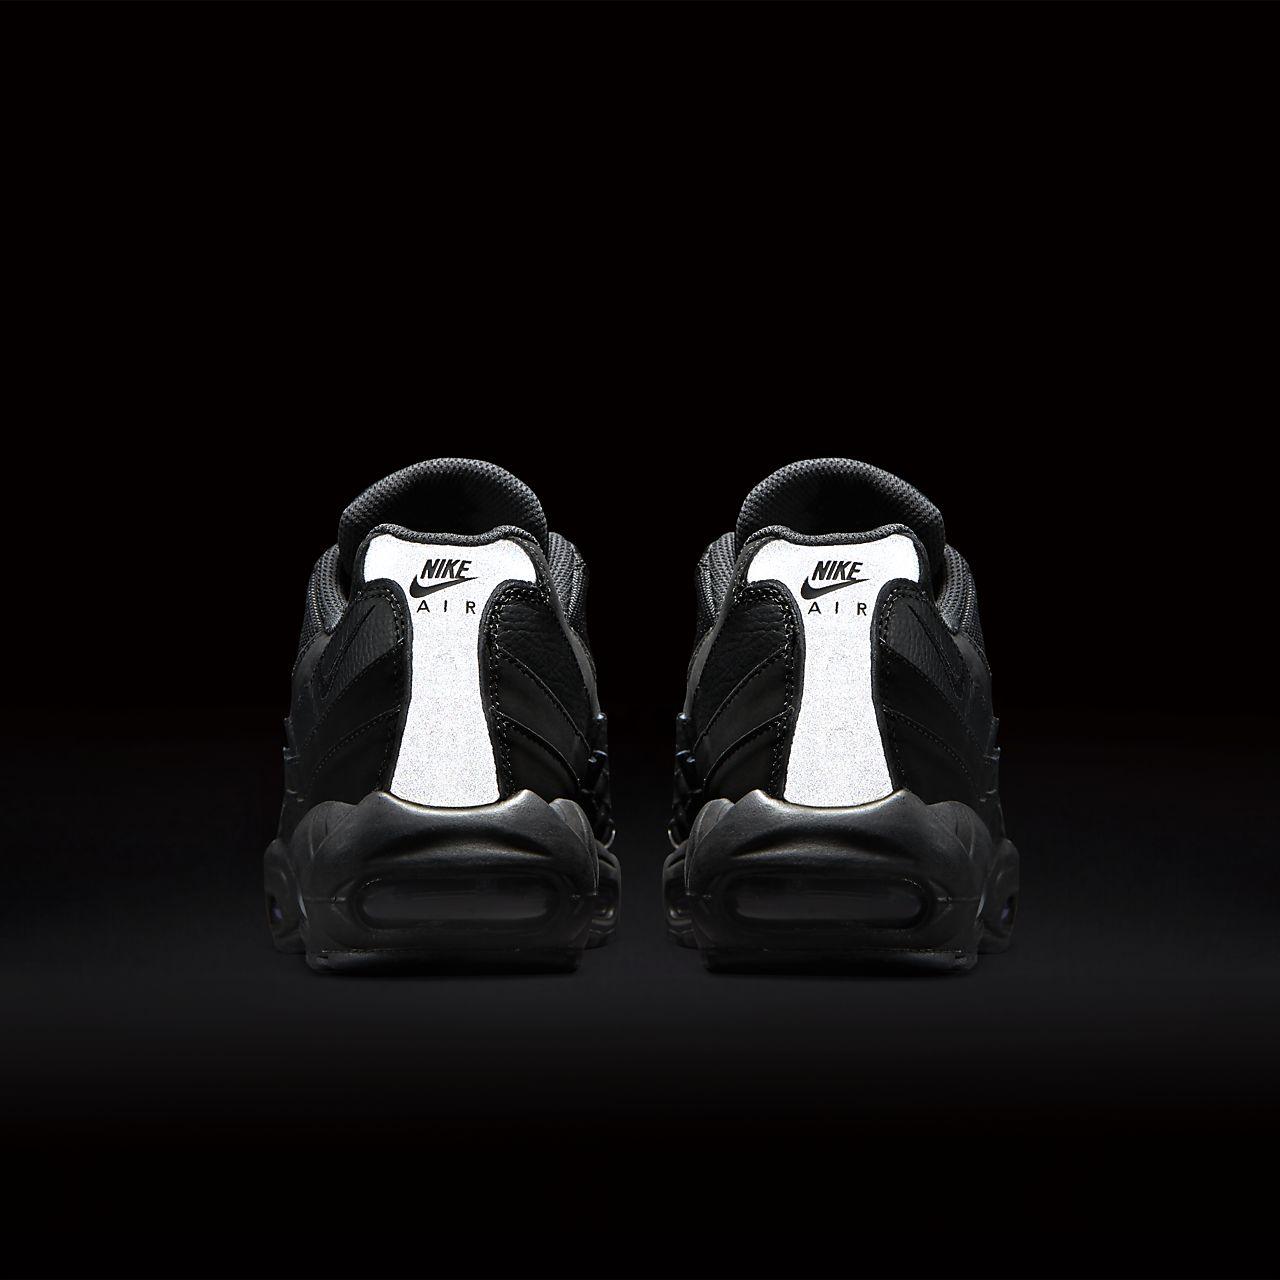 competitive price 4f5fa ebb58 ... Calzado para hombre Nike Air Max 95